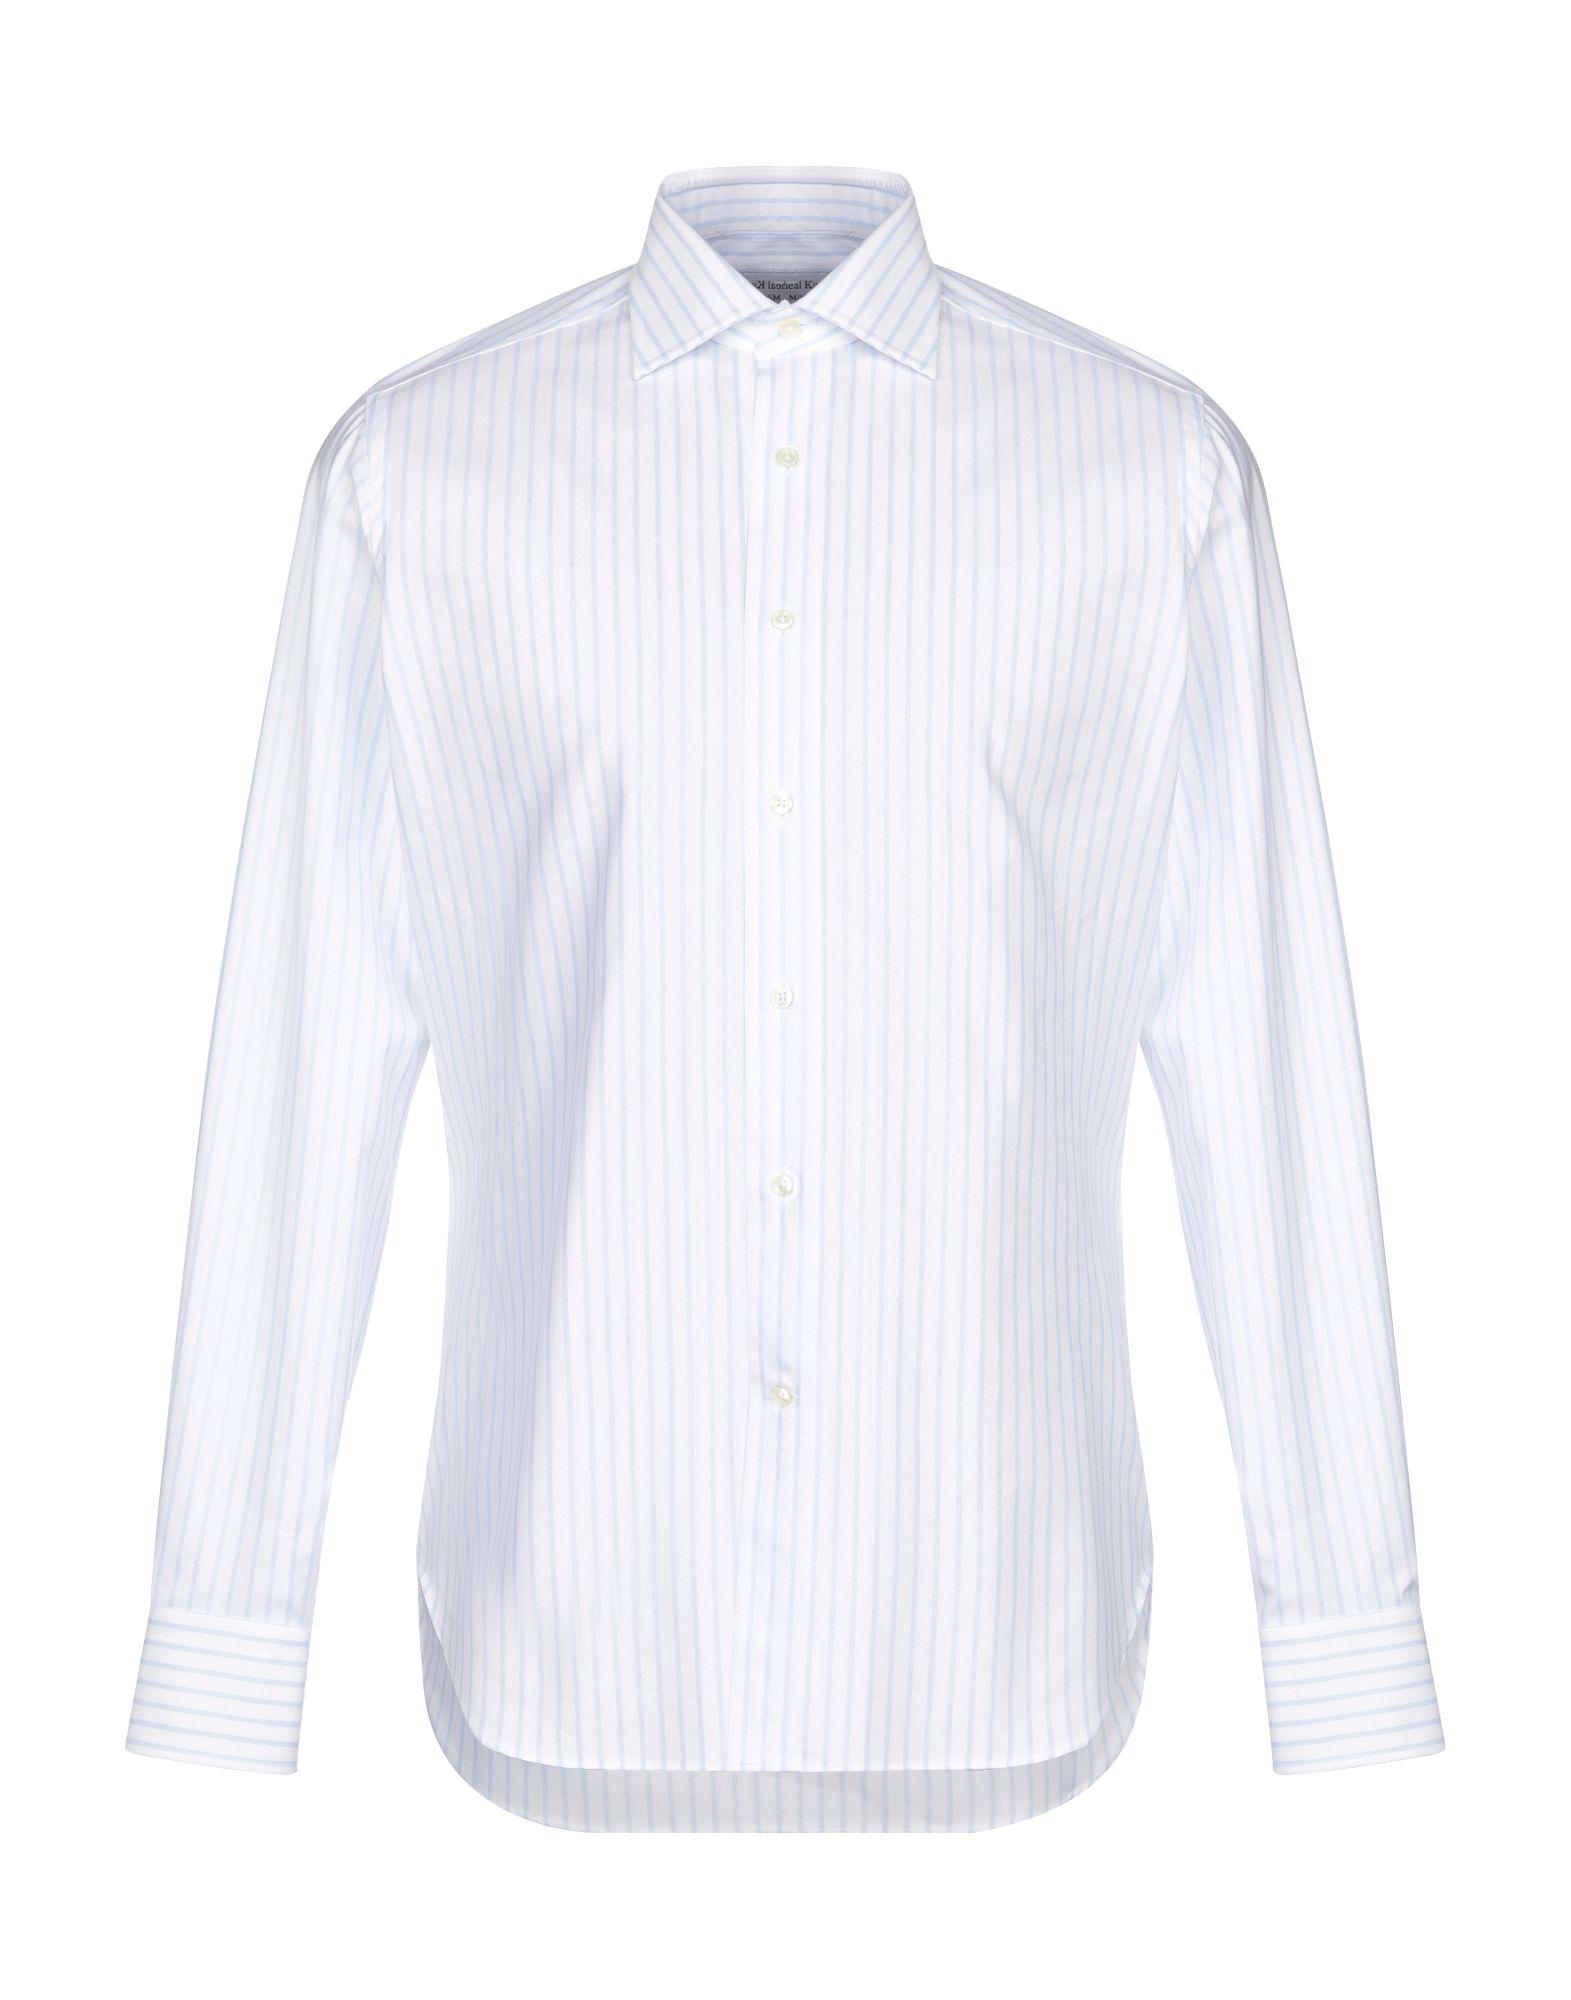 MICHEAL KURRIER Milano Pубашка white 5 milano pубашка